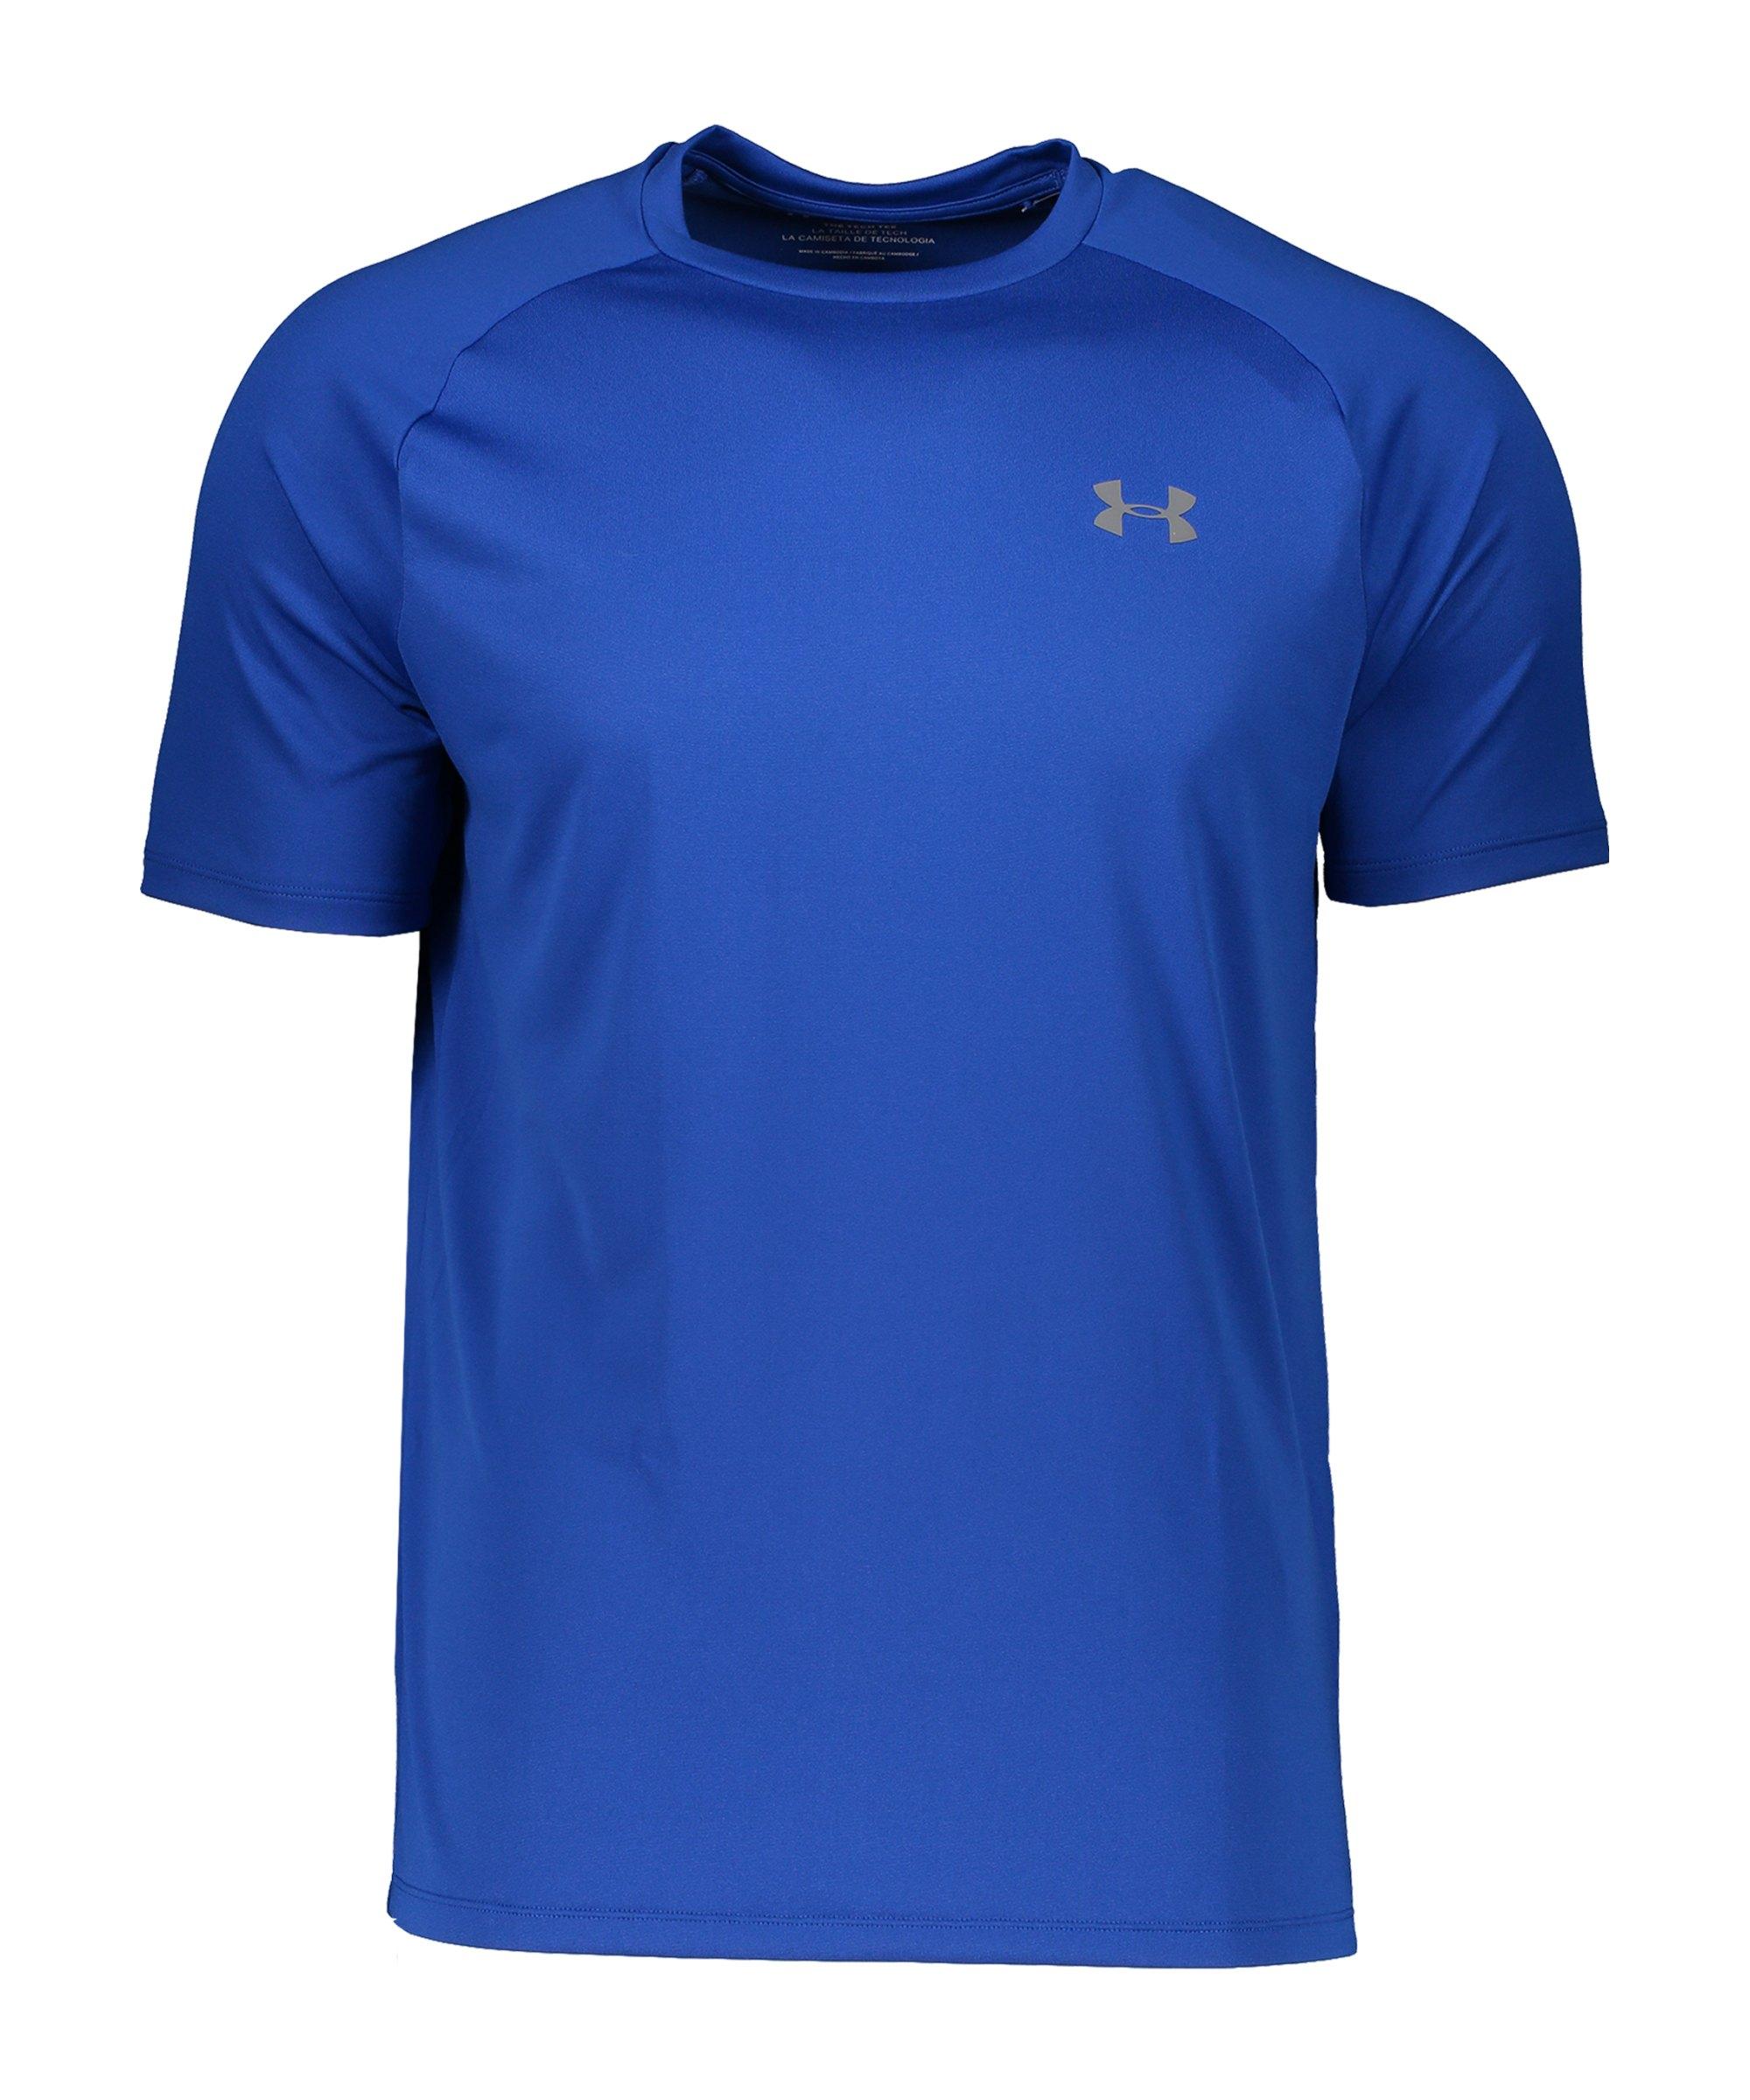 Under Armour Tech Tee T-Shirt Blau F400 - blau